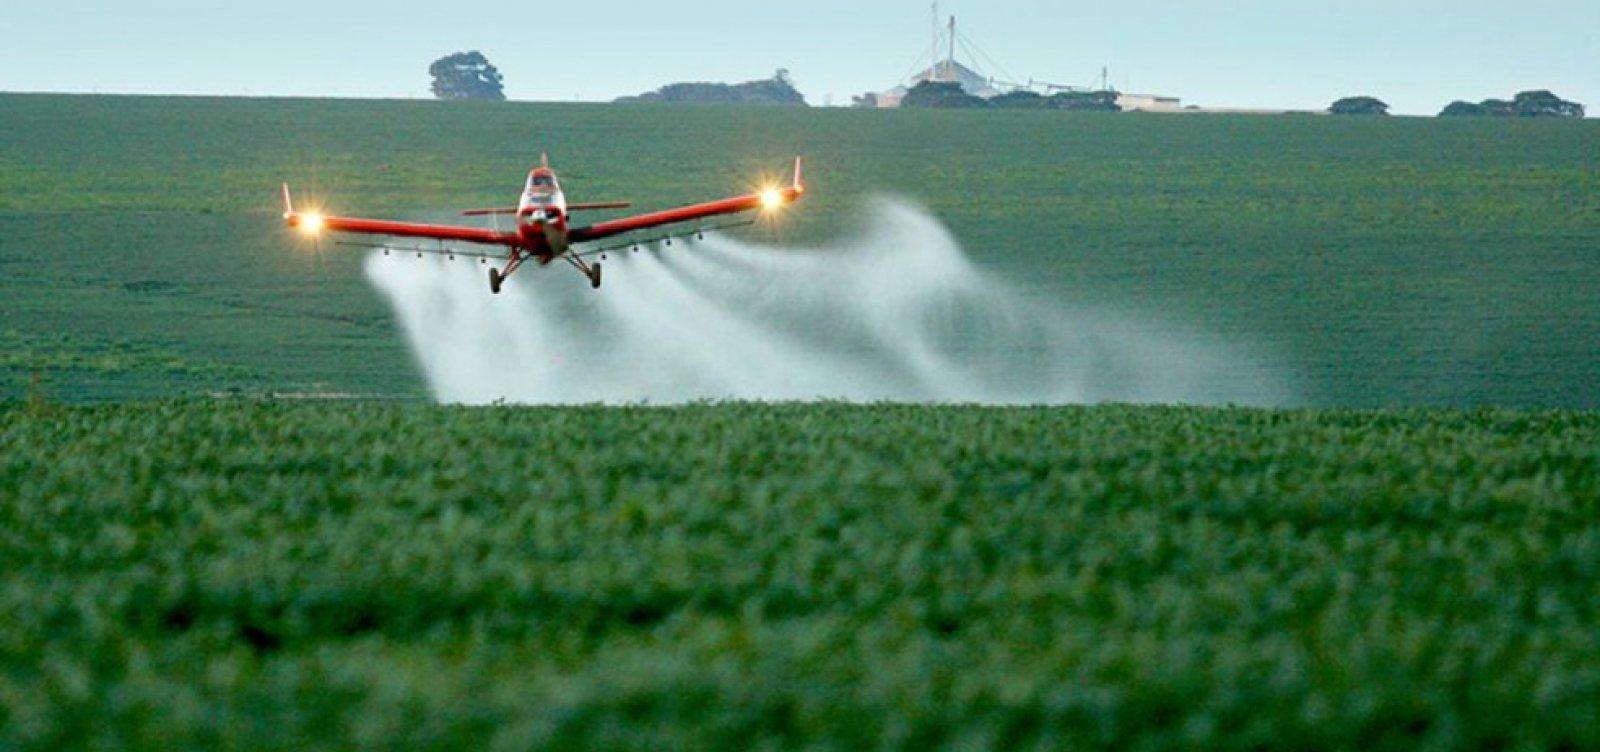 [Governo federal aprova registro de mais 31 agrotóxicos, somando 169 no ano]